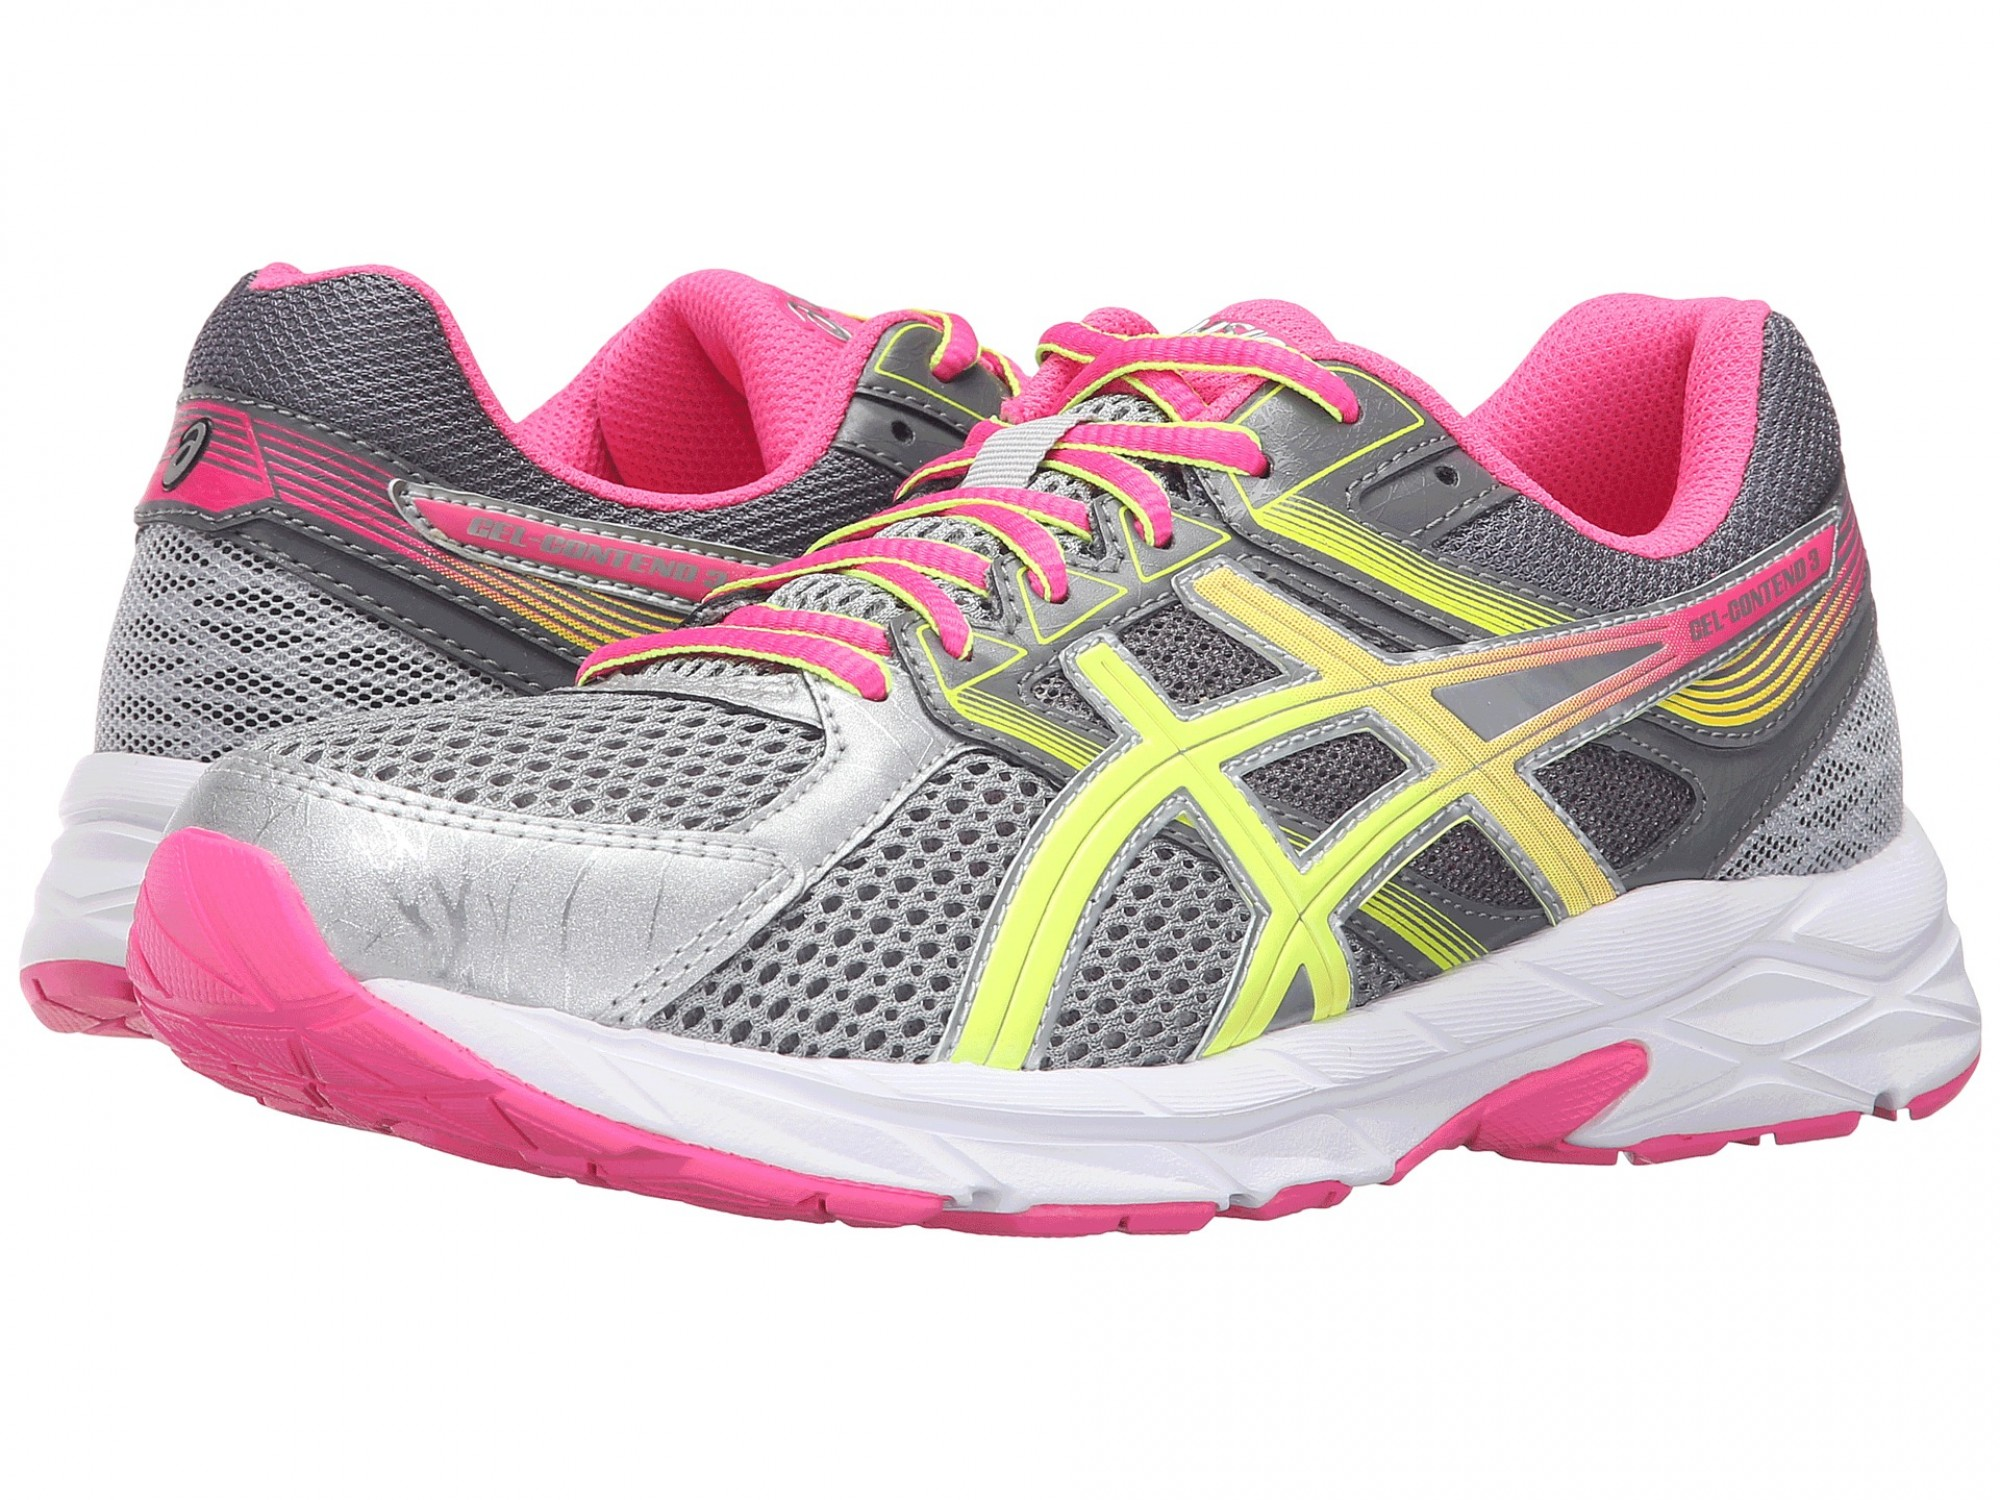 27a671e5d6b1 Женские ASICS GEL-Contend™ 3 (Steel Grey Safety Yellow Hot Pink ...